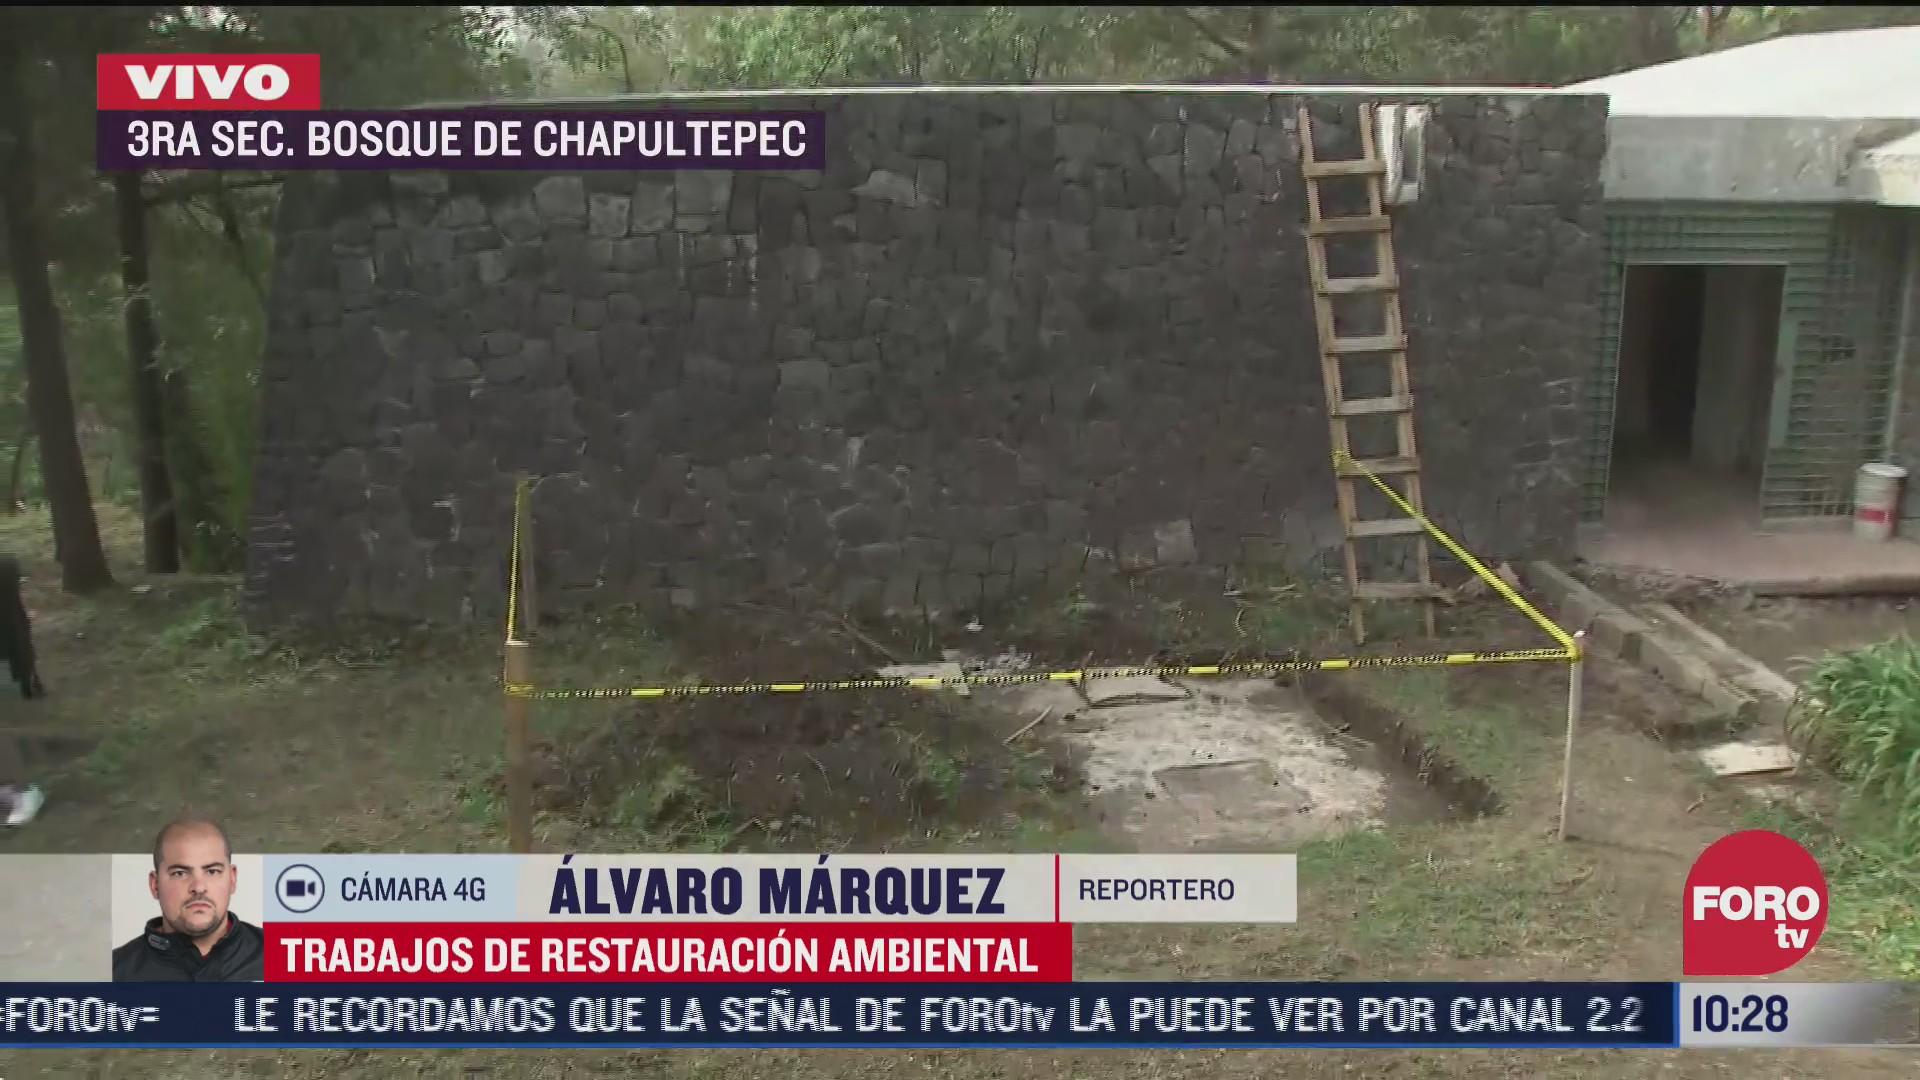 realizan trabajos de restauracion ambiental en chapultepec